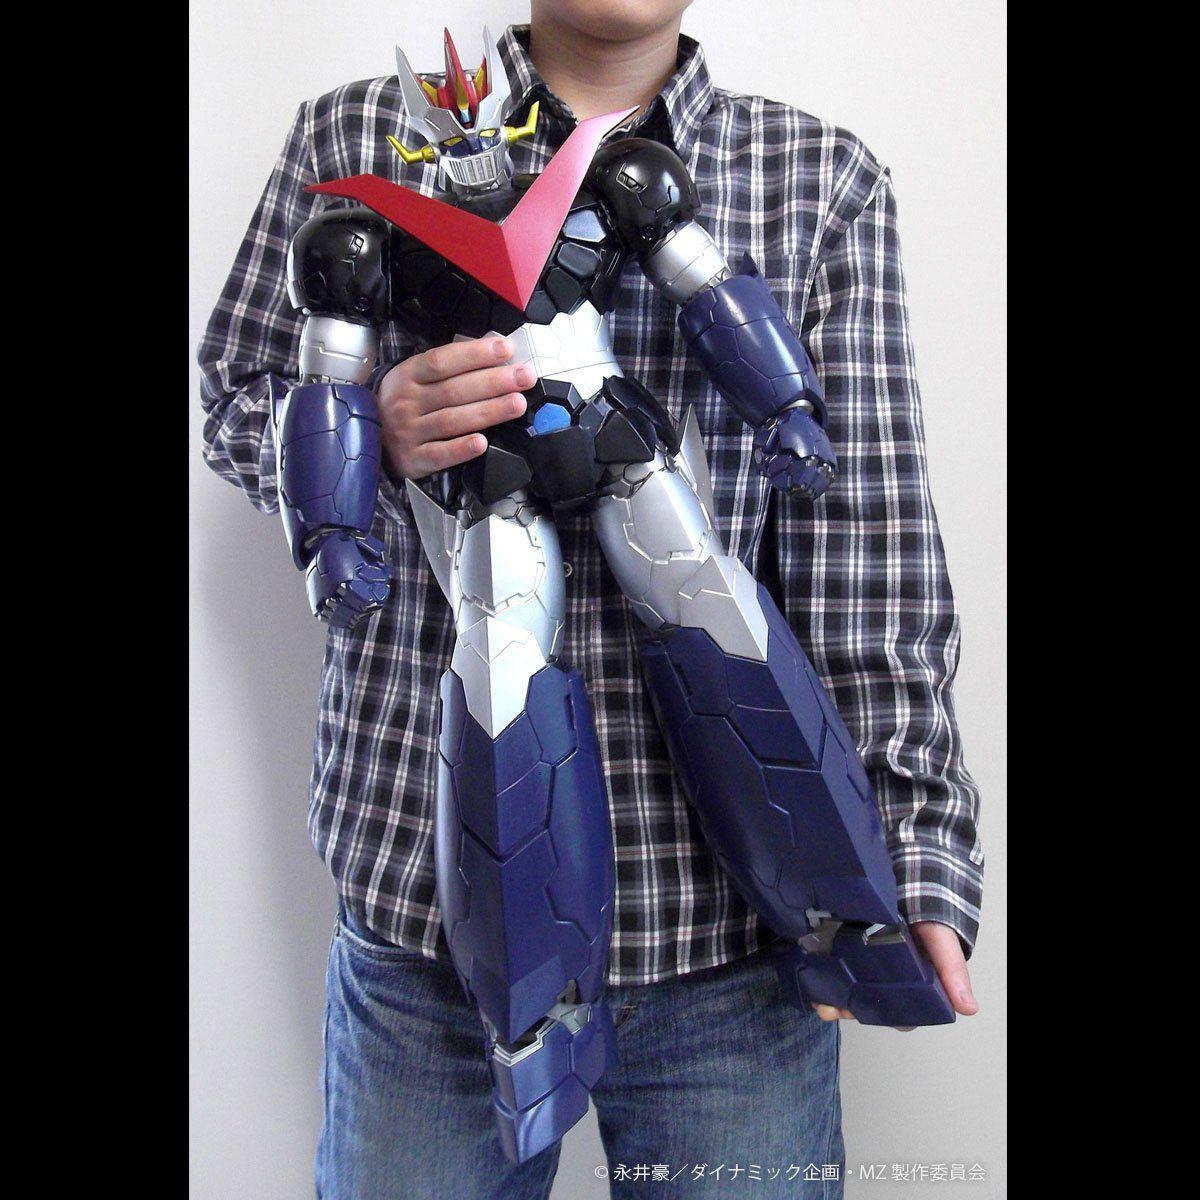 ジャンボソフビフィギュア『グレートマジンガー(INFINITY)』完成品フィギュア-009